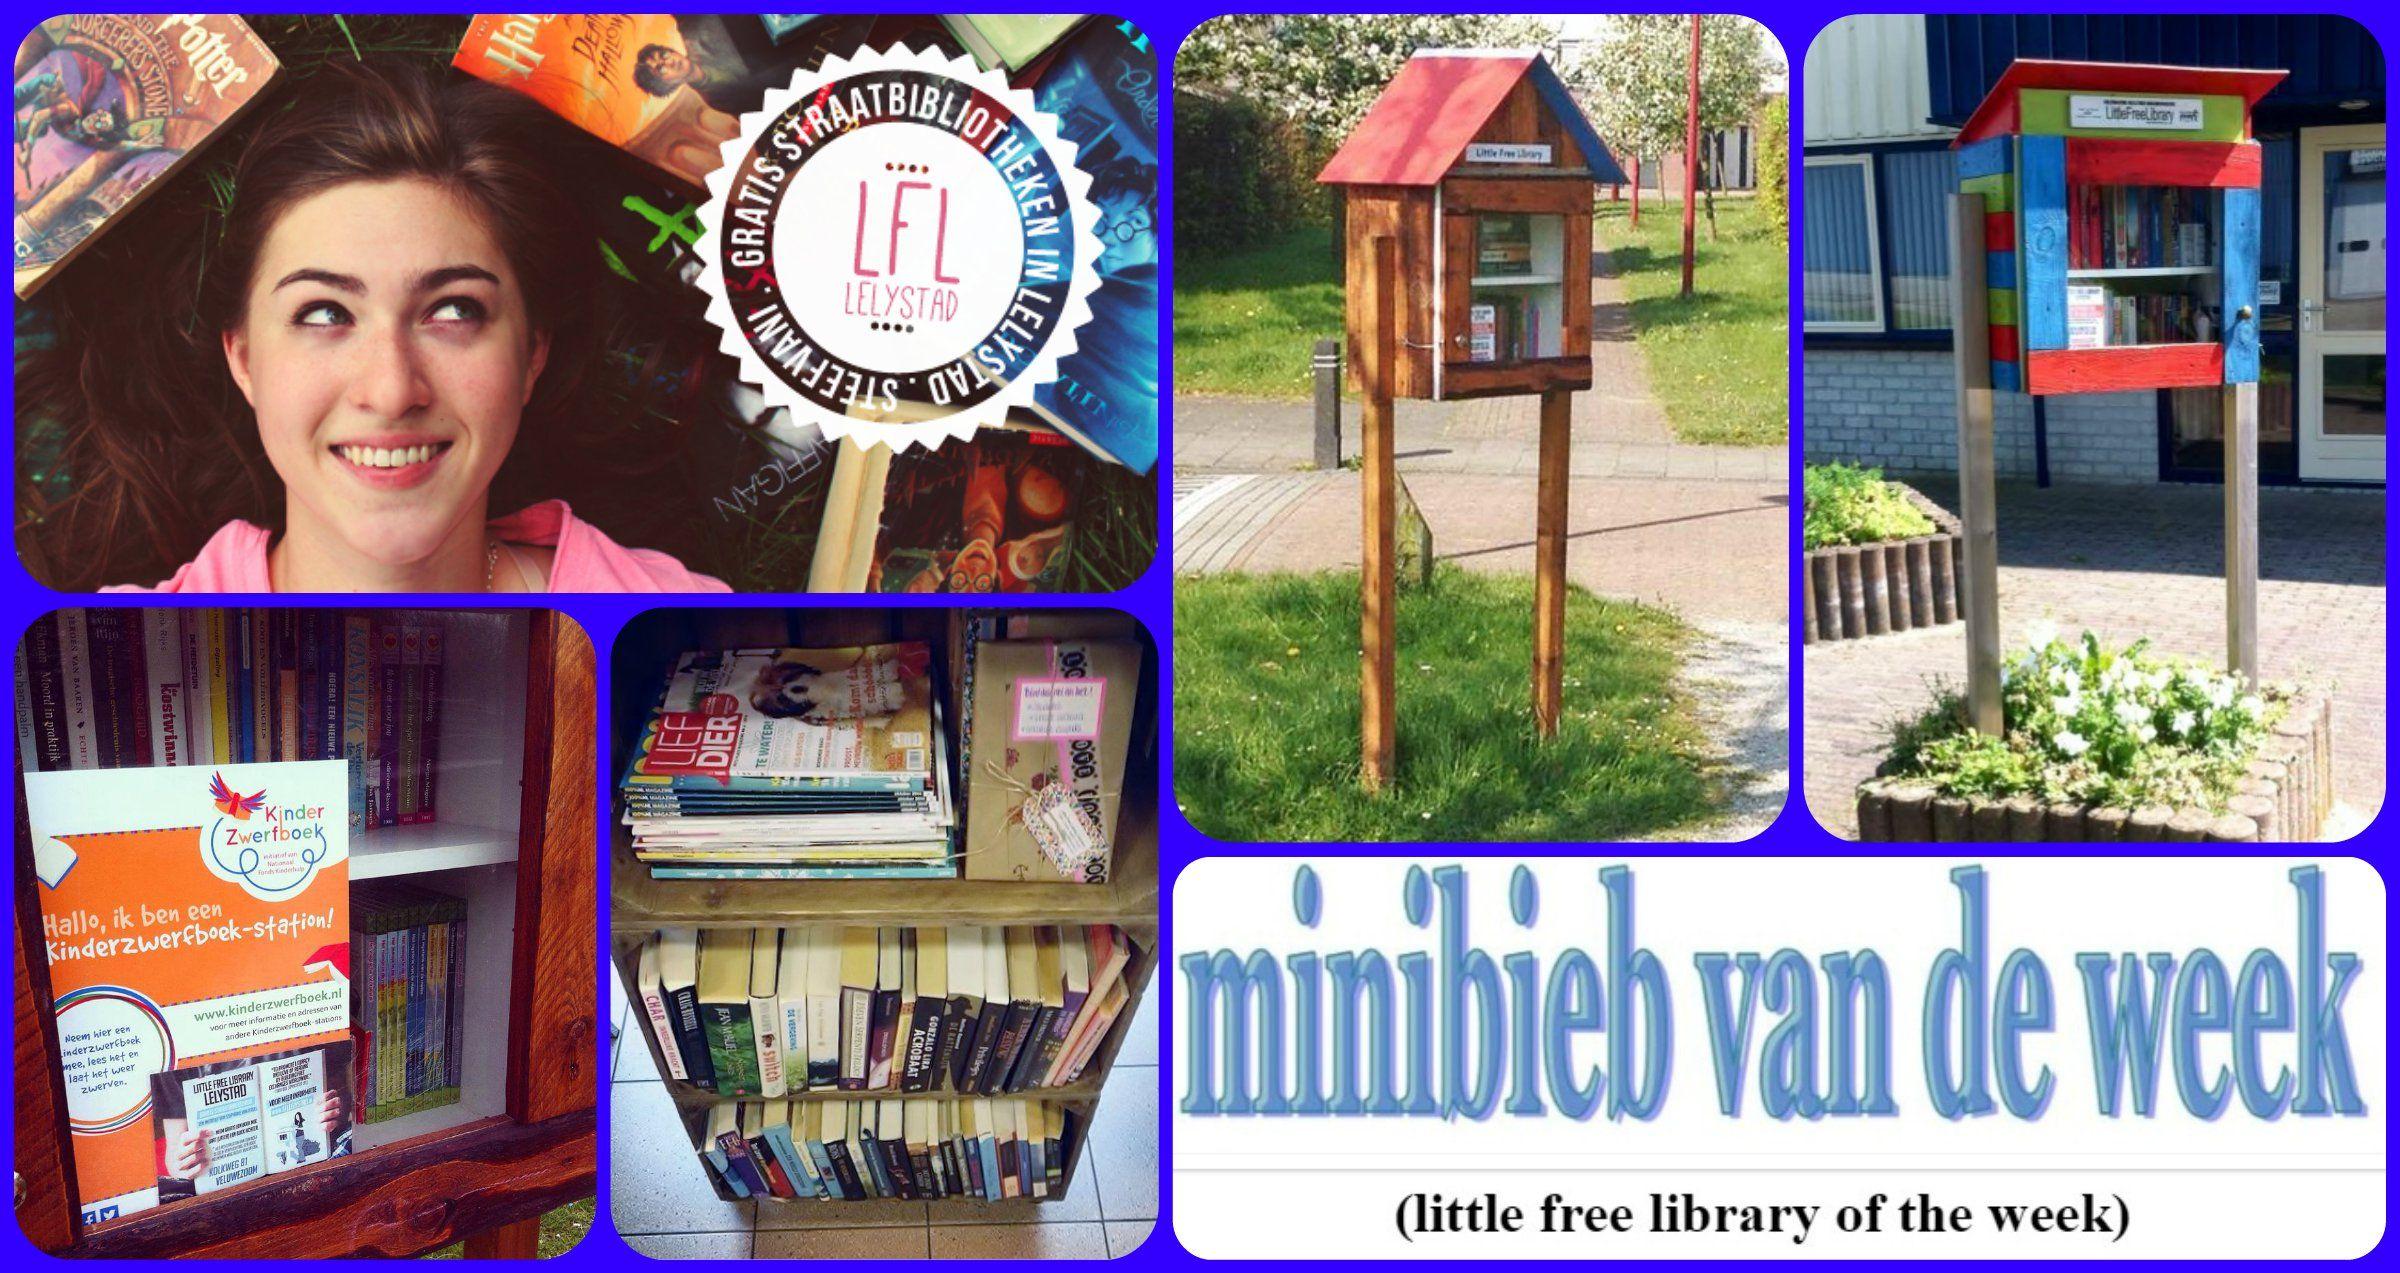 """Little Free Library Lelystad """"MInibieb van de week"""" nummer 35 bij Jet's MInibieb."""